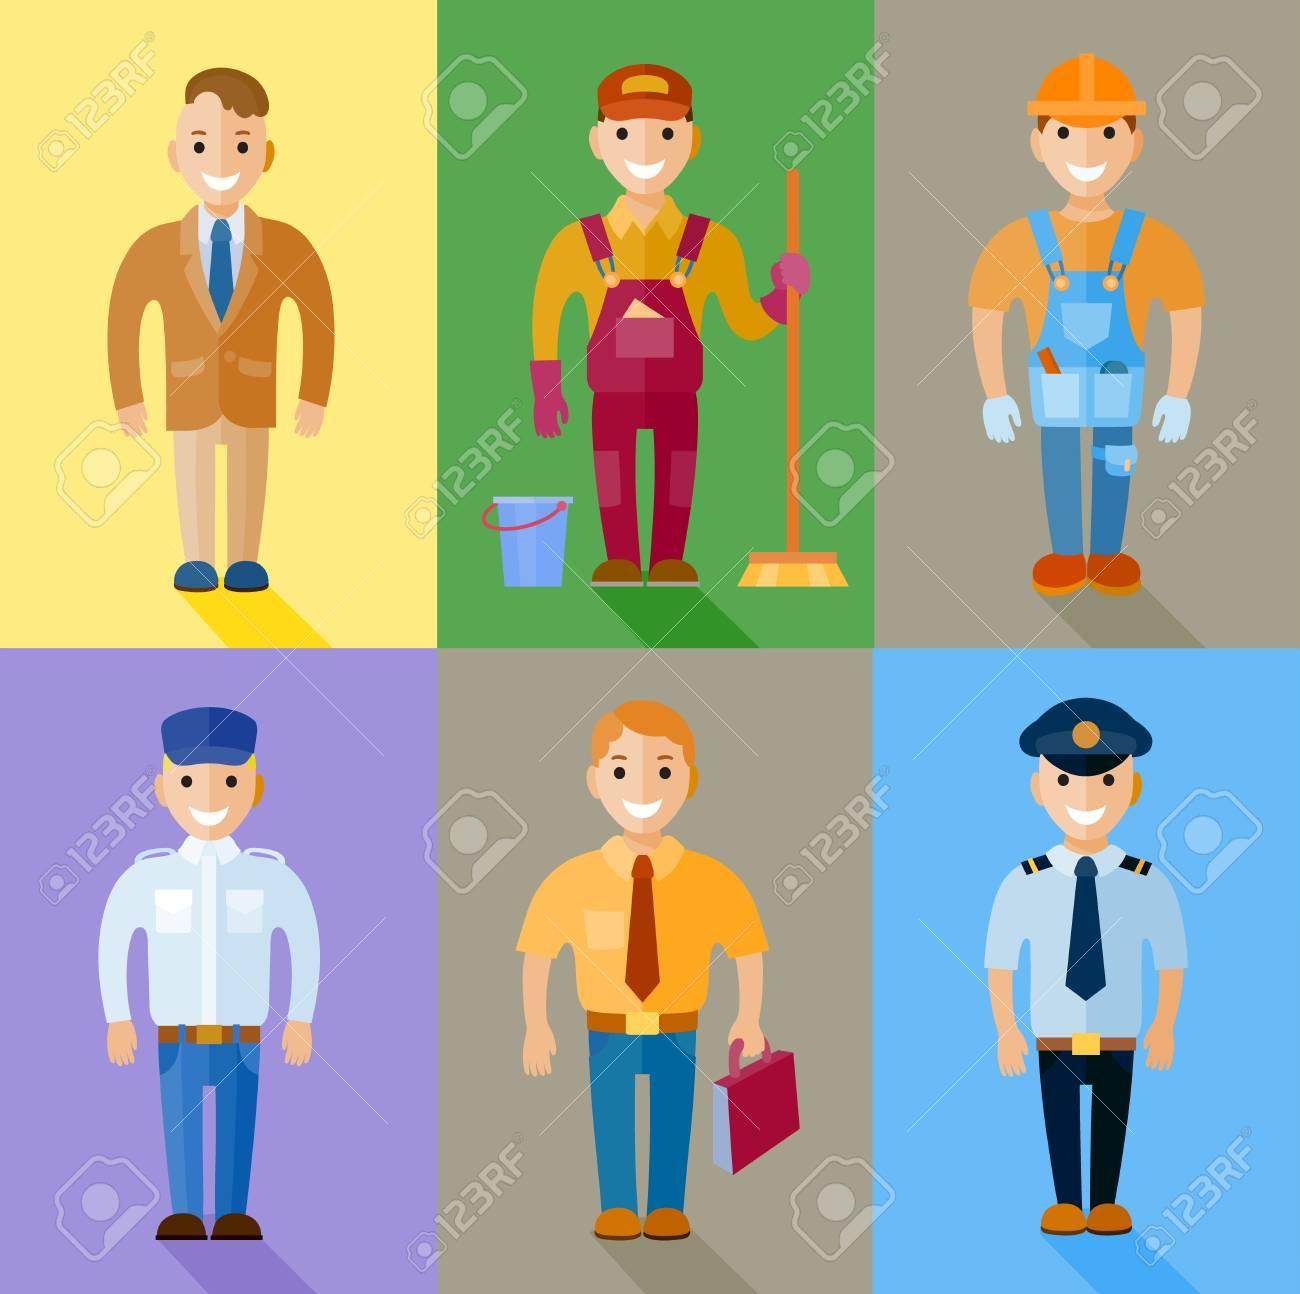 さまざまな職業の人たちのベクトル イラスト セット様々 な分野で従事